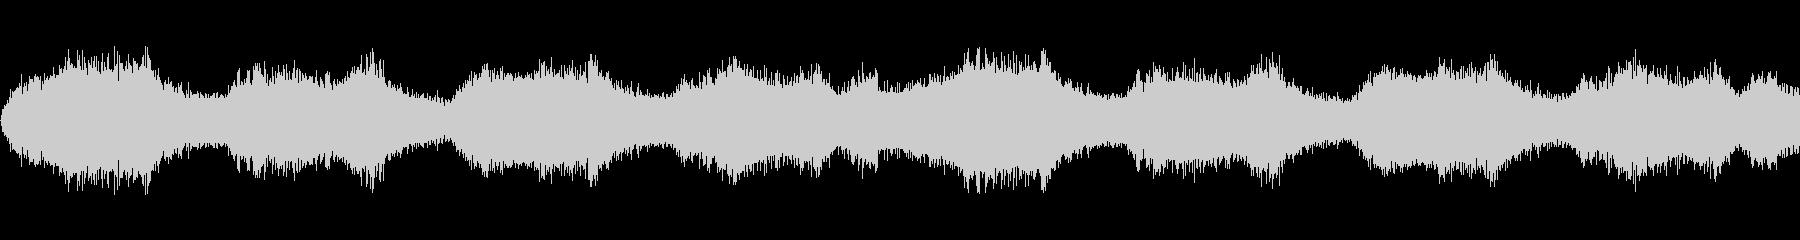 【ドラム抜き】唸るようなホラーサウンドの未再生の波形